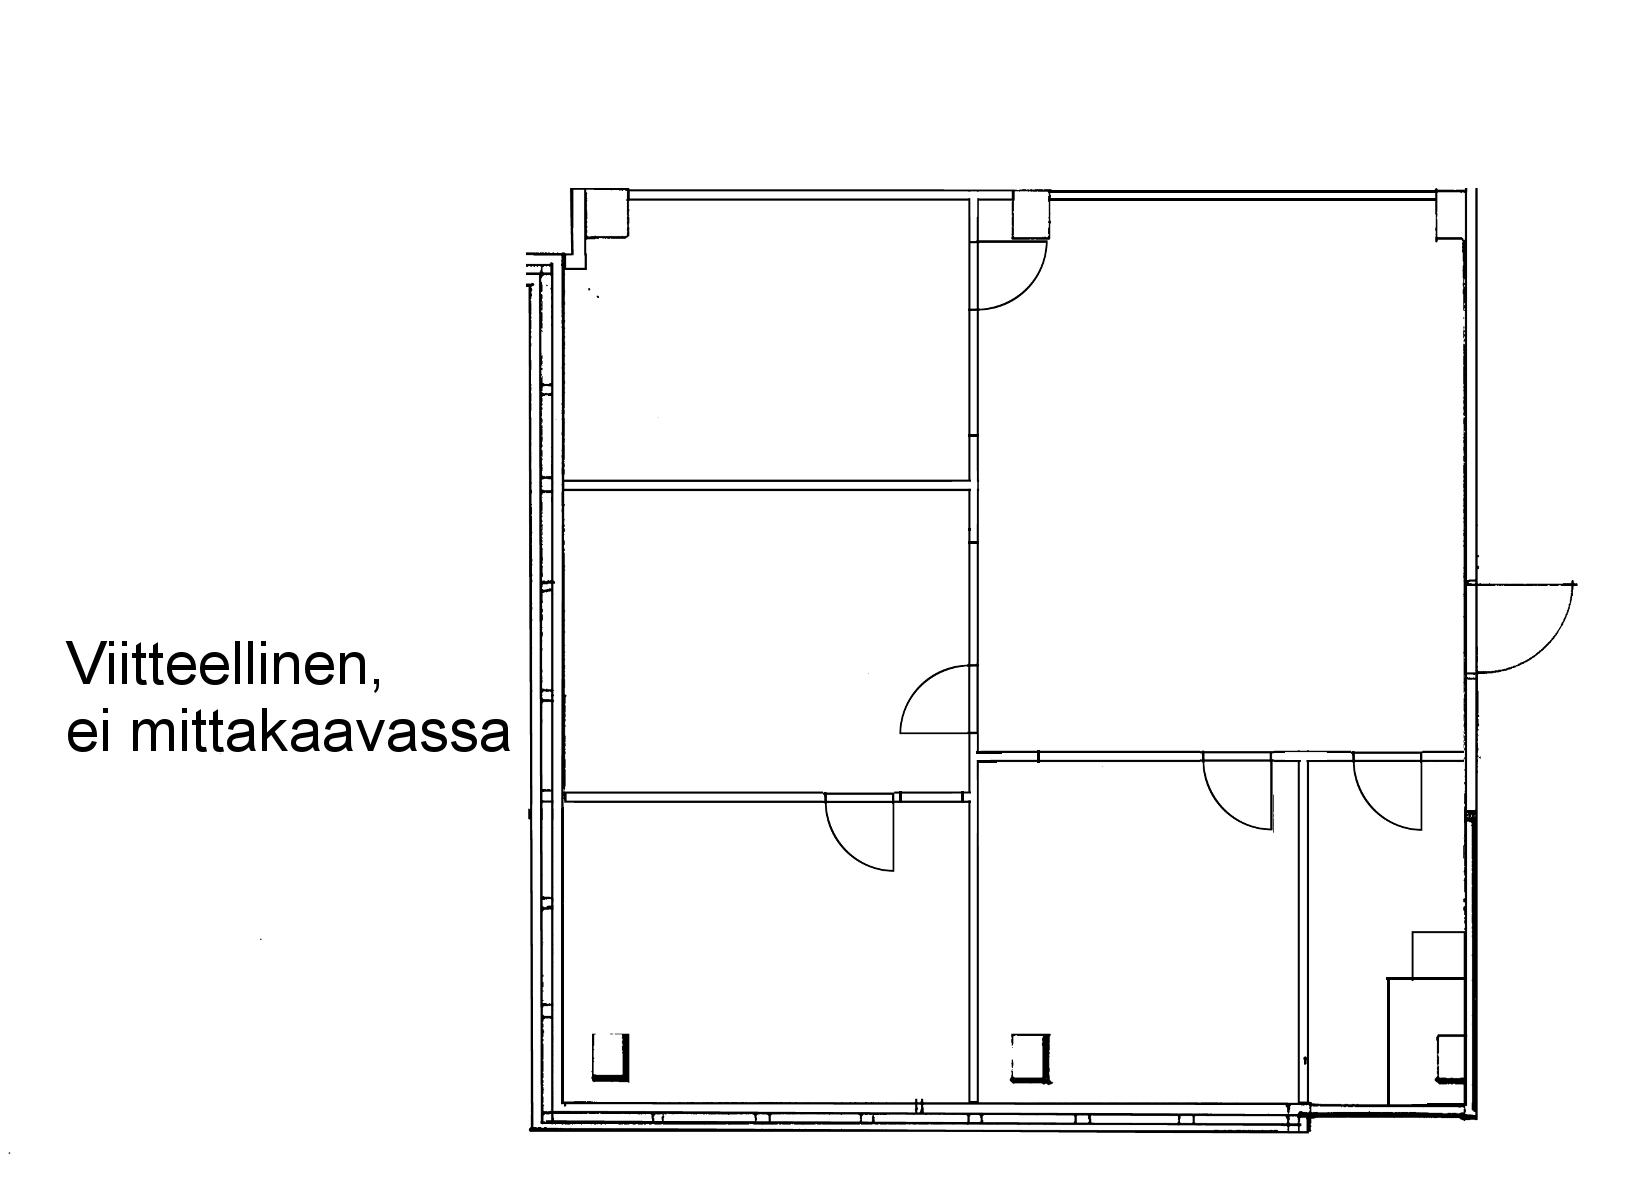 Planlösning Höyläämötie 18 Pitäjänmäki